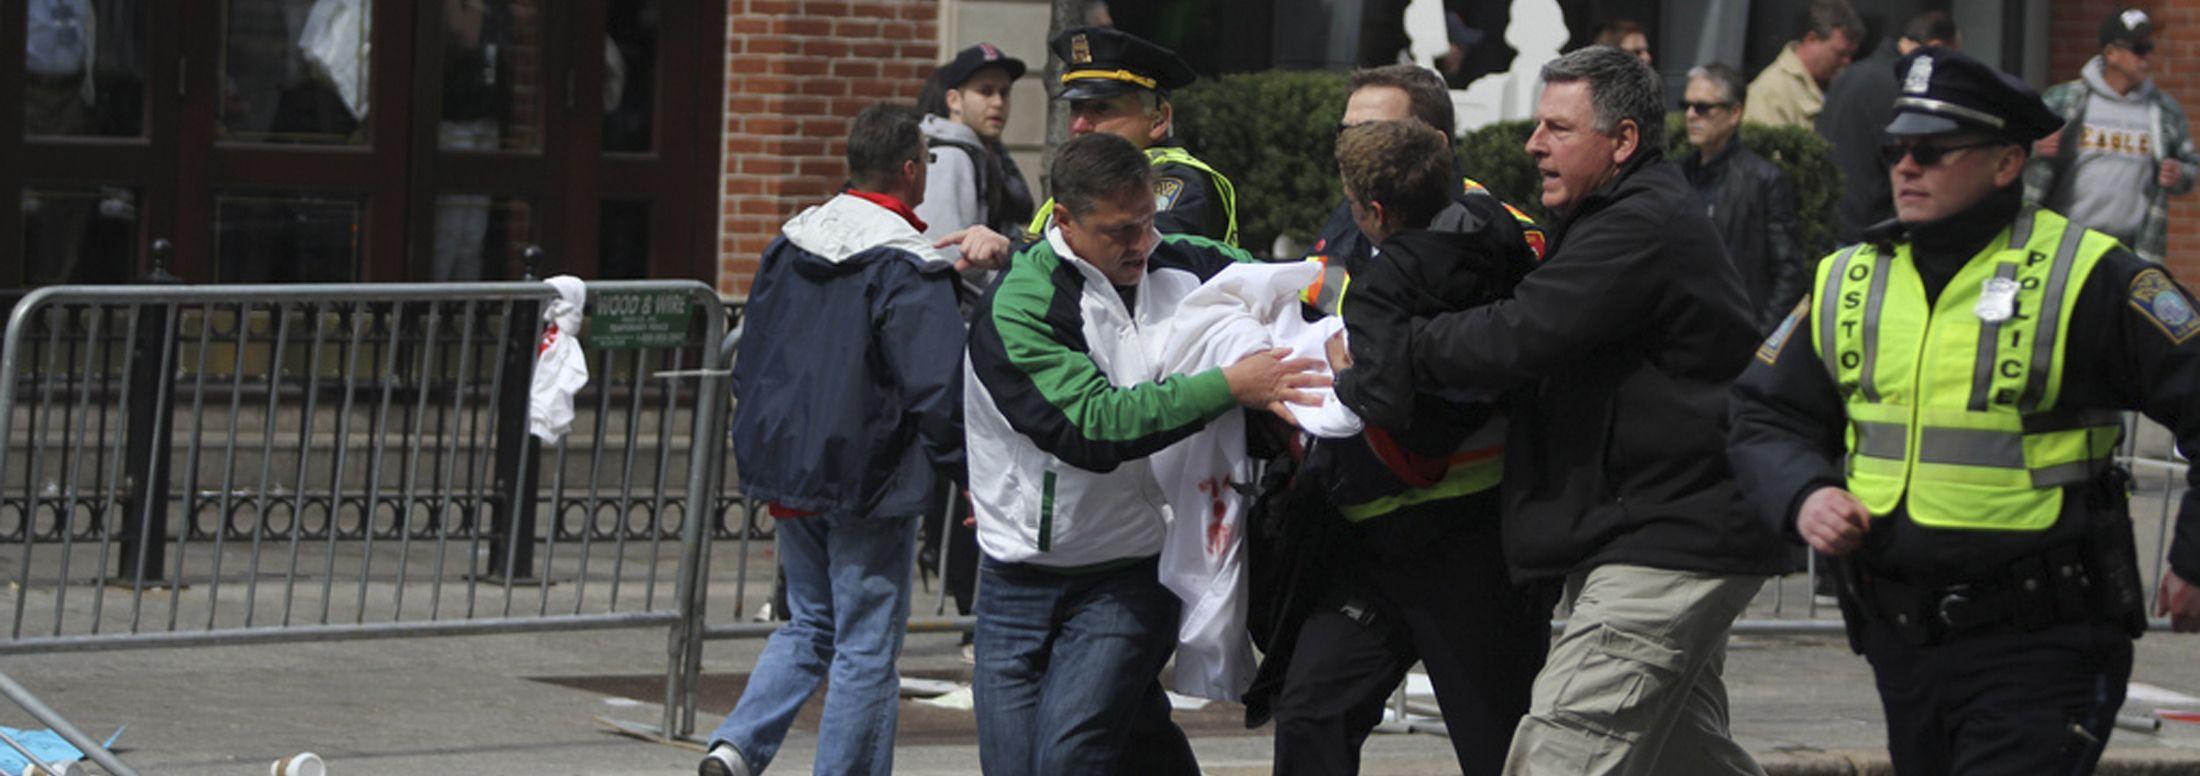 Imágenes de las explosiones en el maratón de Boston.Captura de TV del momento de la explosión